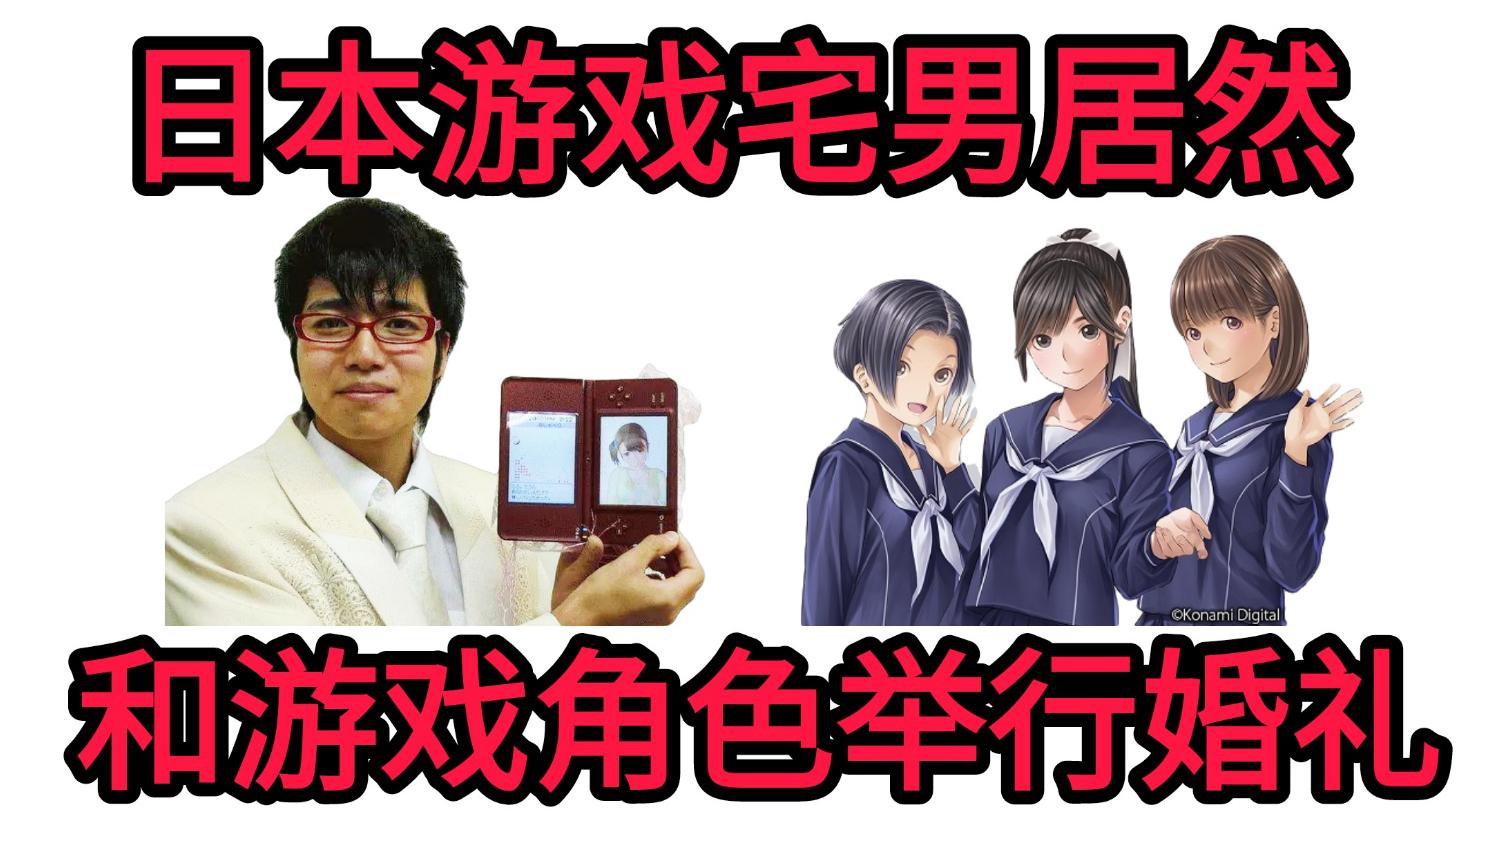 日本游戏宅男竟和游戏角色结婚,什么游戏竟有如此魅力?